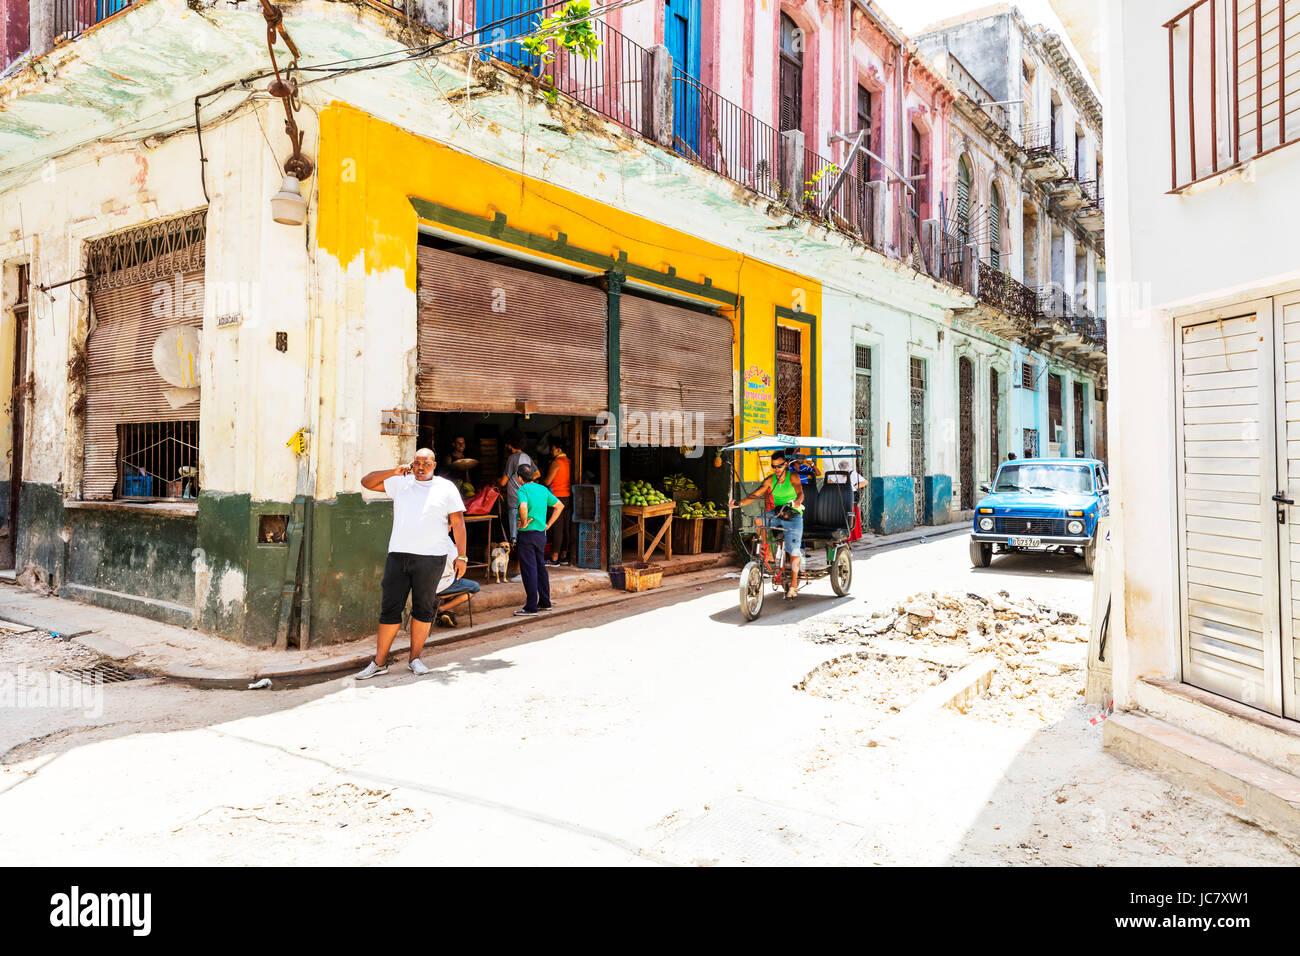 Havanna-Shop, lokalen Shop Bestimmungen für Kubaner, Kuba-Shop, Shopping Havanna, Obst und Gemüse, Einkaufen, Stockbild